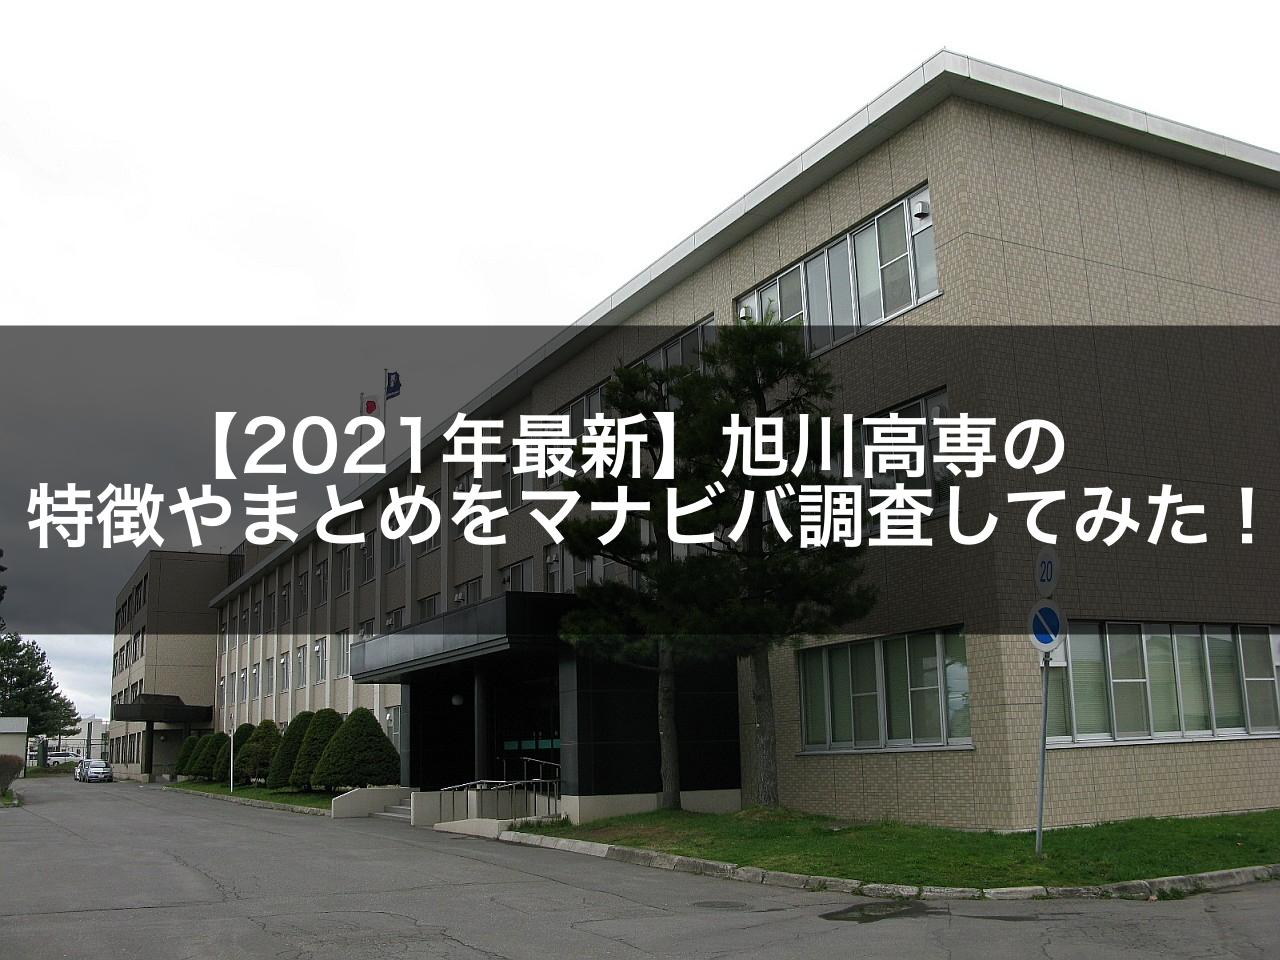 【2021年最新】旭川高専の特徴やまとめをマナビバ調査してみた!